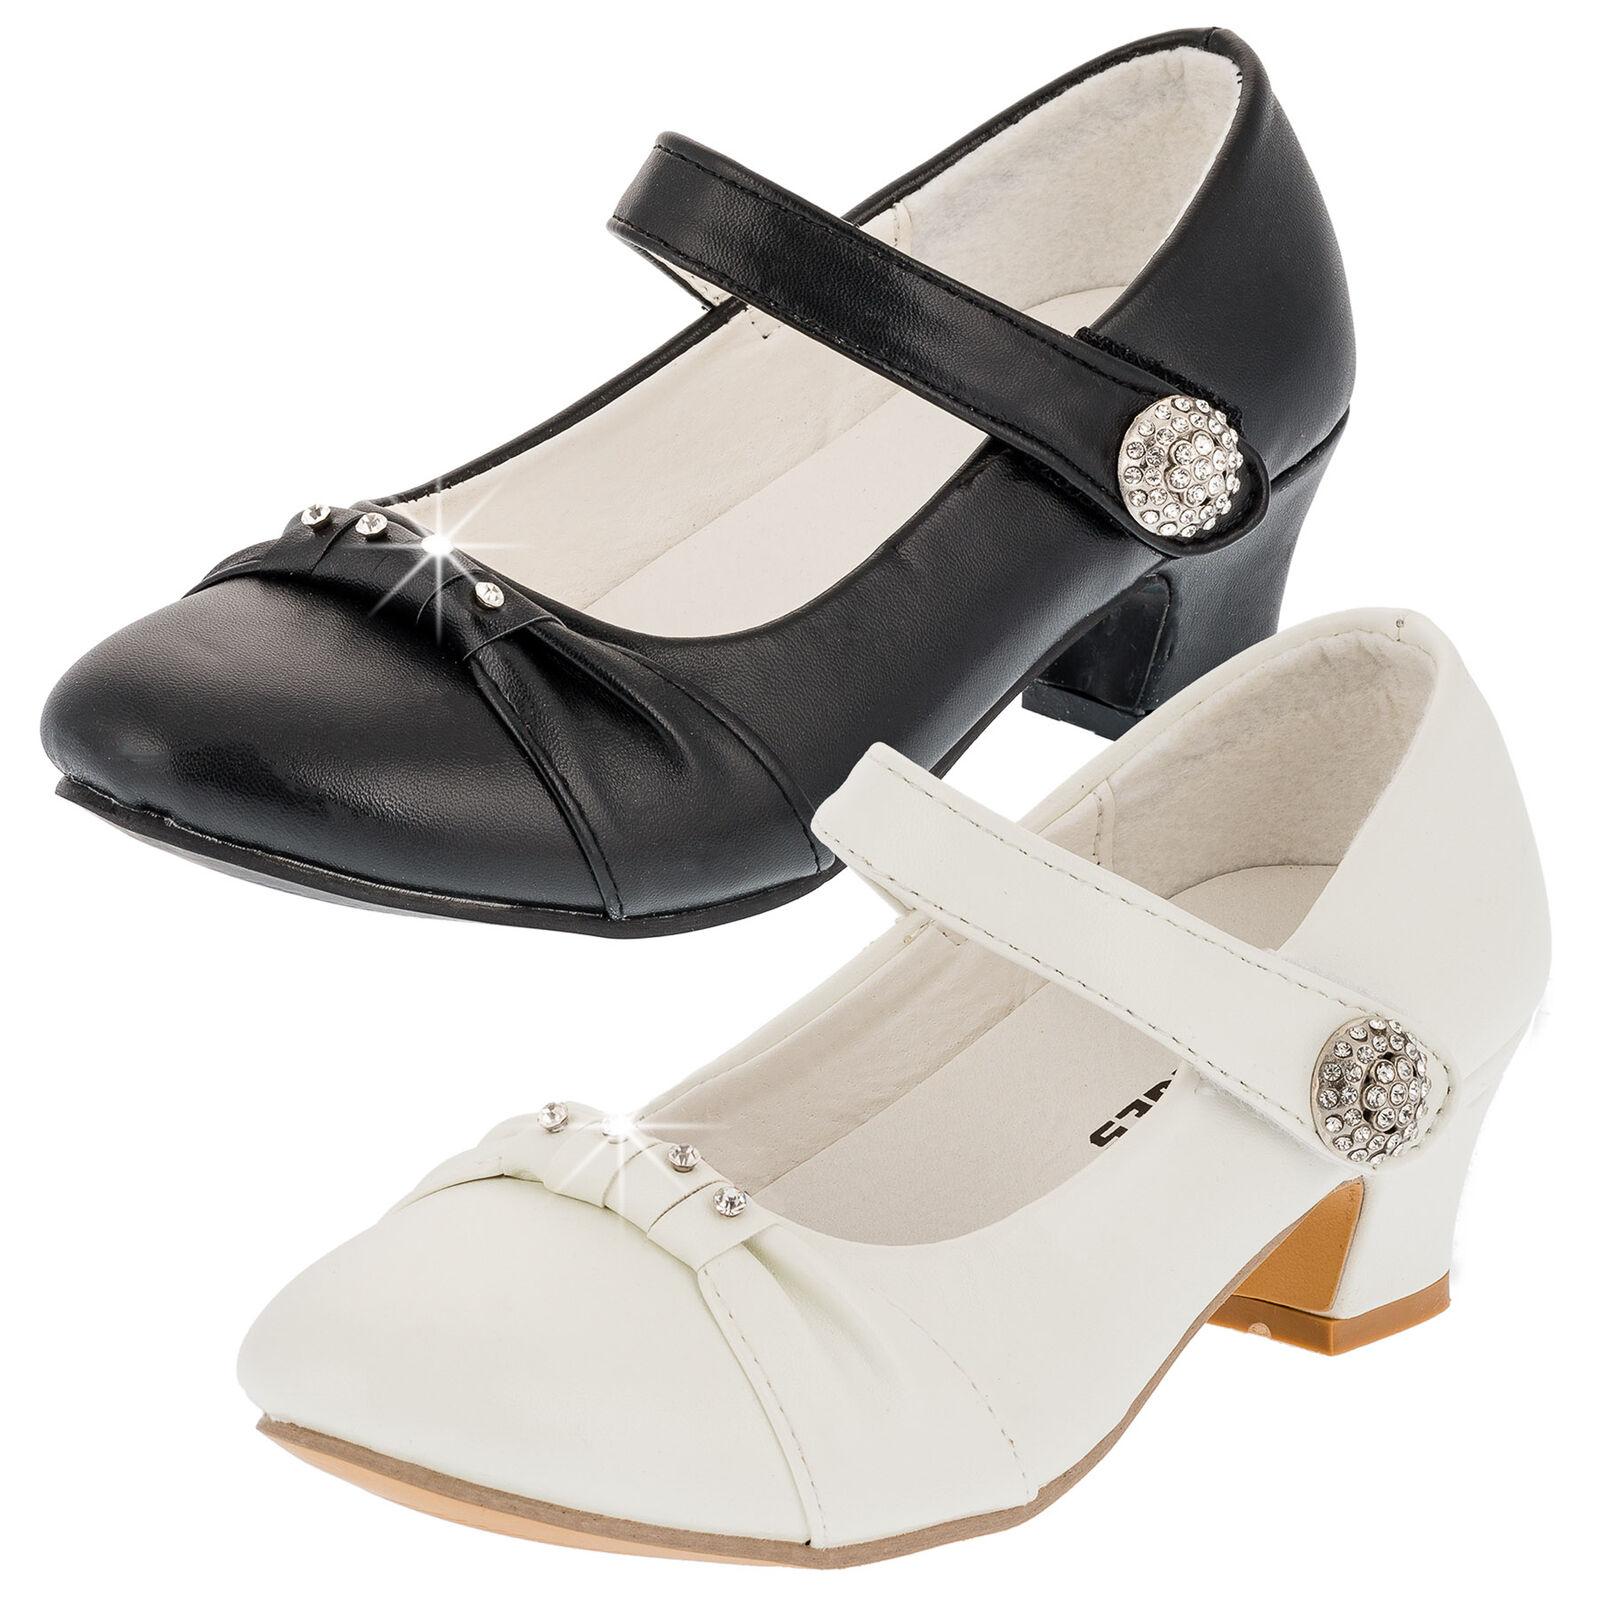 ecddf2463c76ab Festliche Mädchen Pumps Ballerinas Schuhe Absatz Strass Kommunion Hochzeit  ...